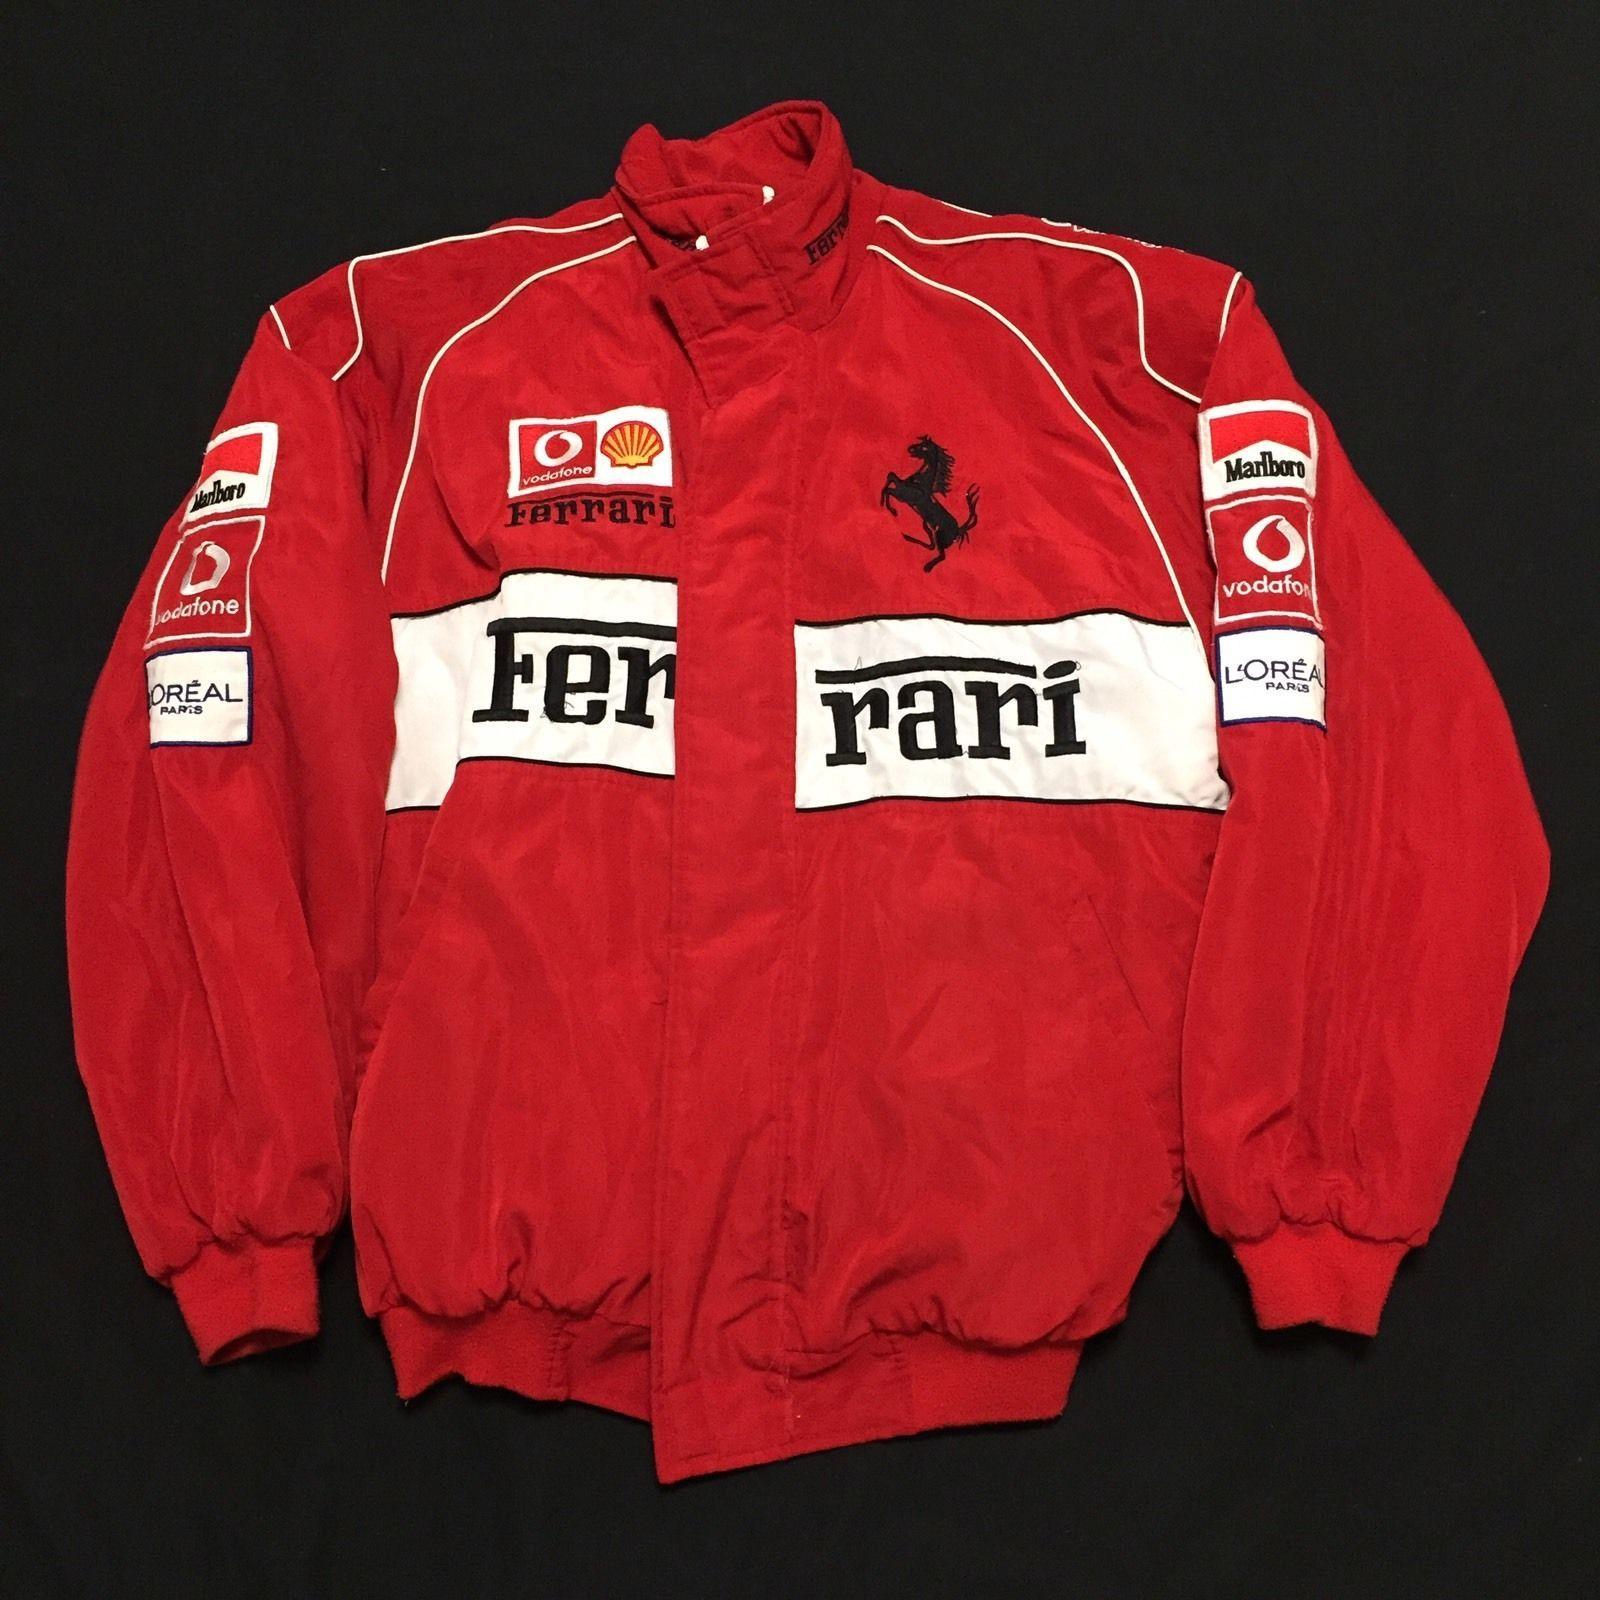 vintage ferrari 1996 official licensed formula one f1 racing